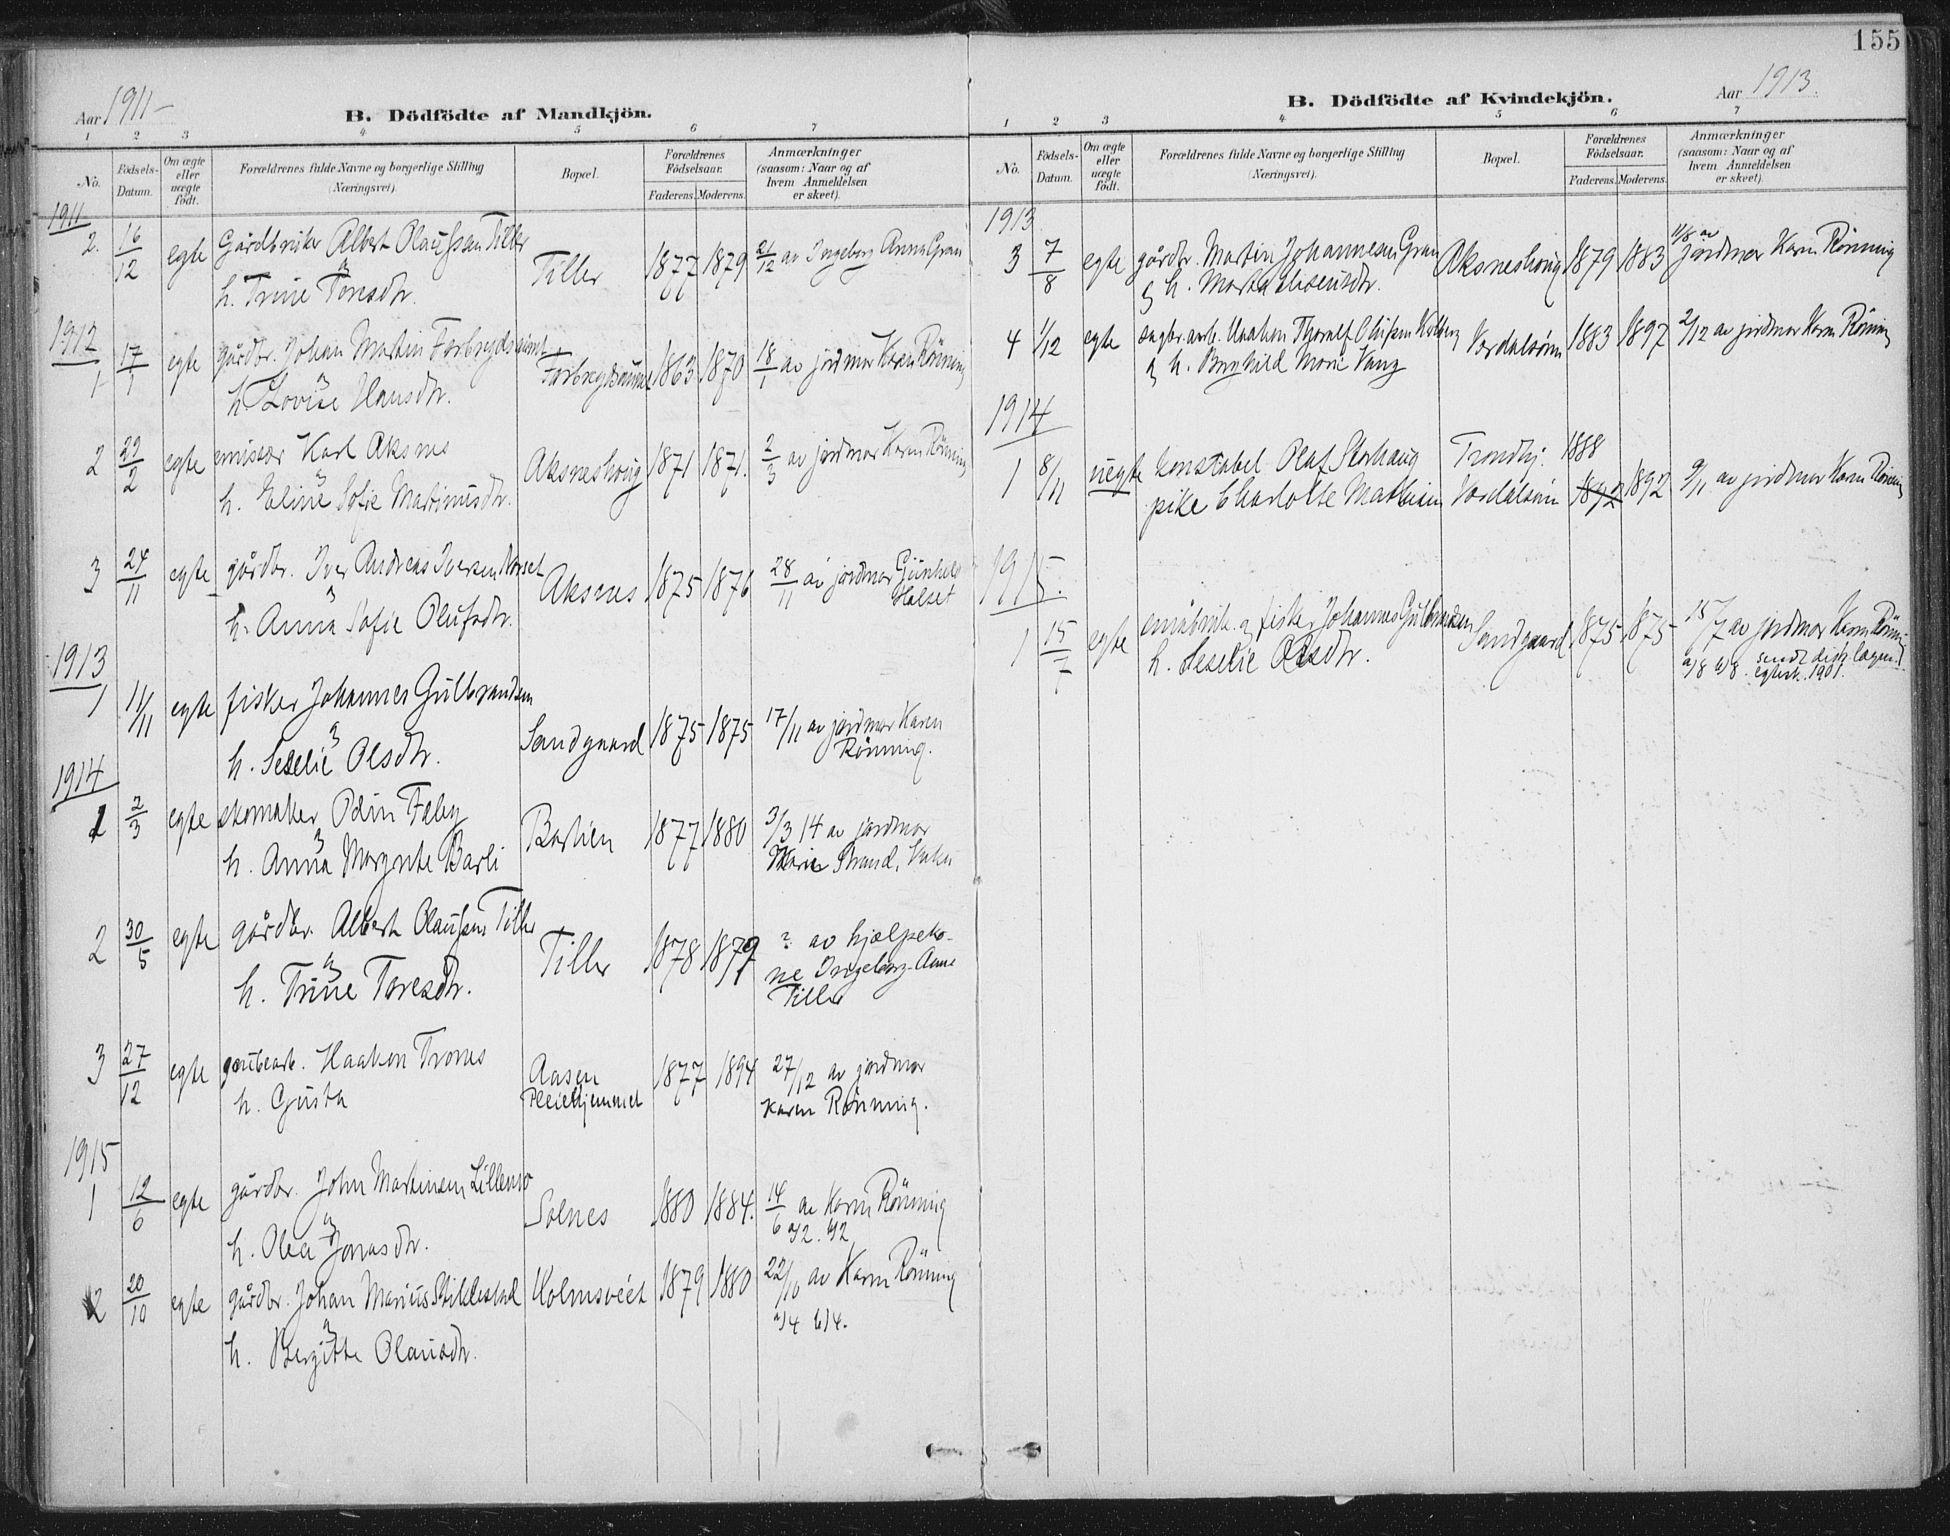 SAT, Ministerialprotokoller, klokkerbøker og fødselsregistre - Nord-Trøndelag, 723/L0246: Ministerialbok nr. 723A15, 1900-1917, s. 155